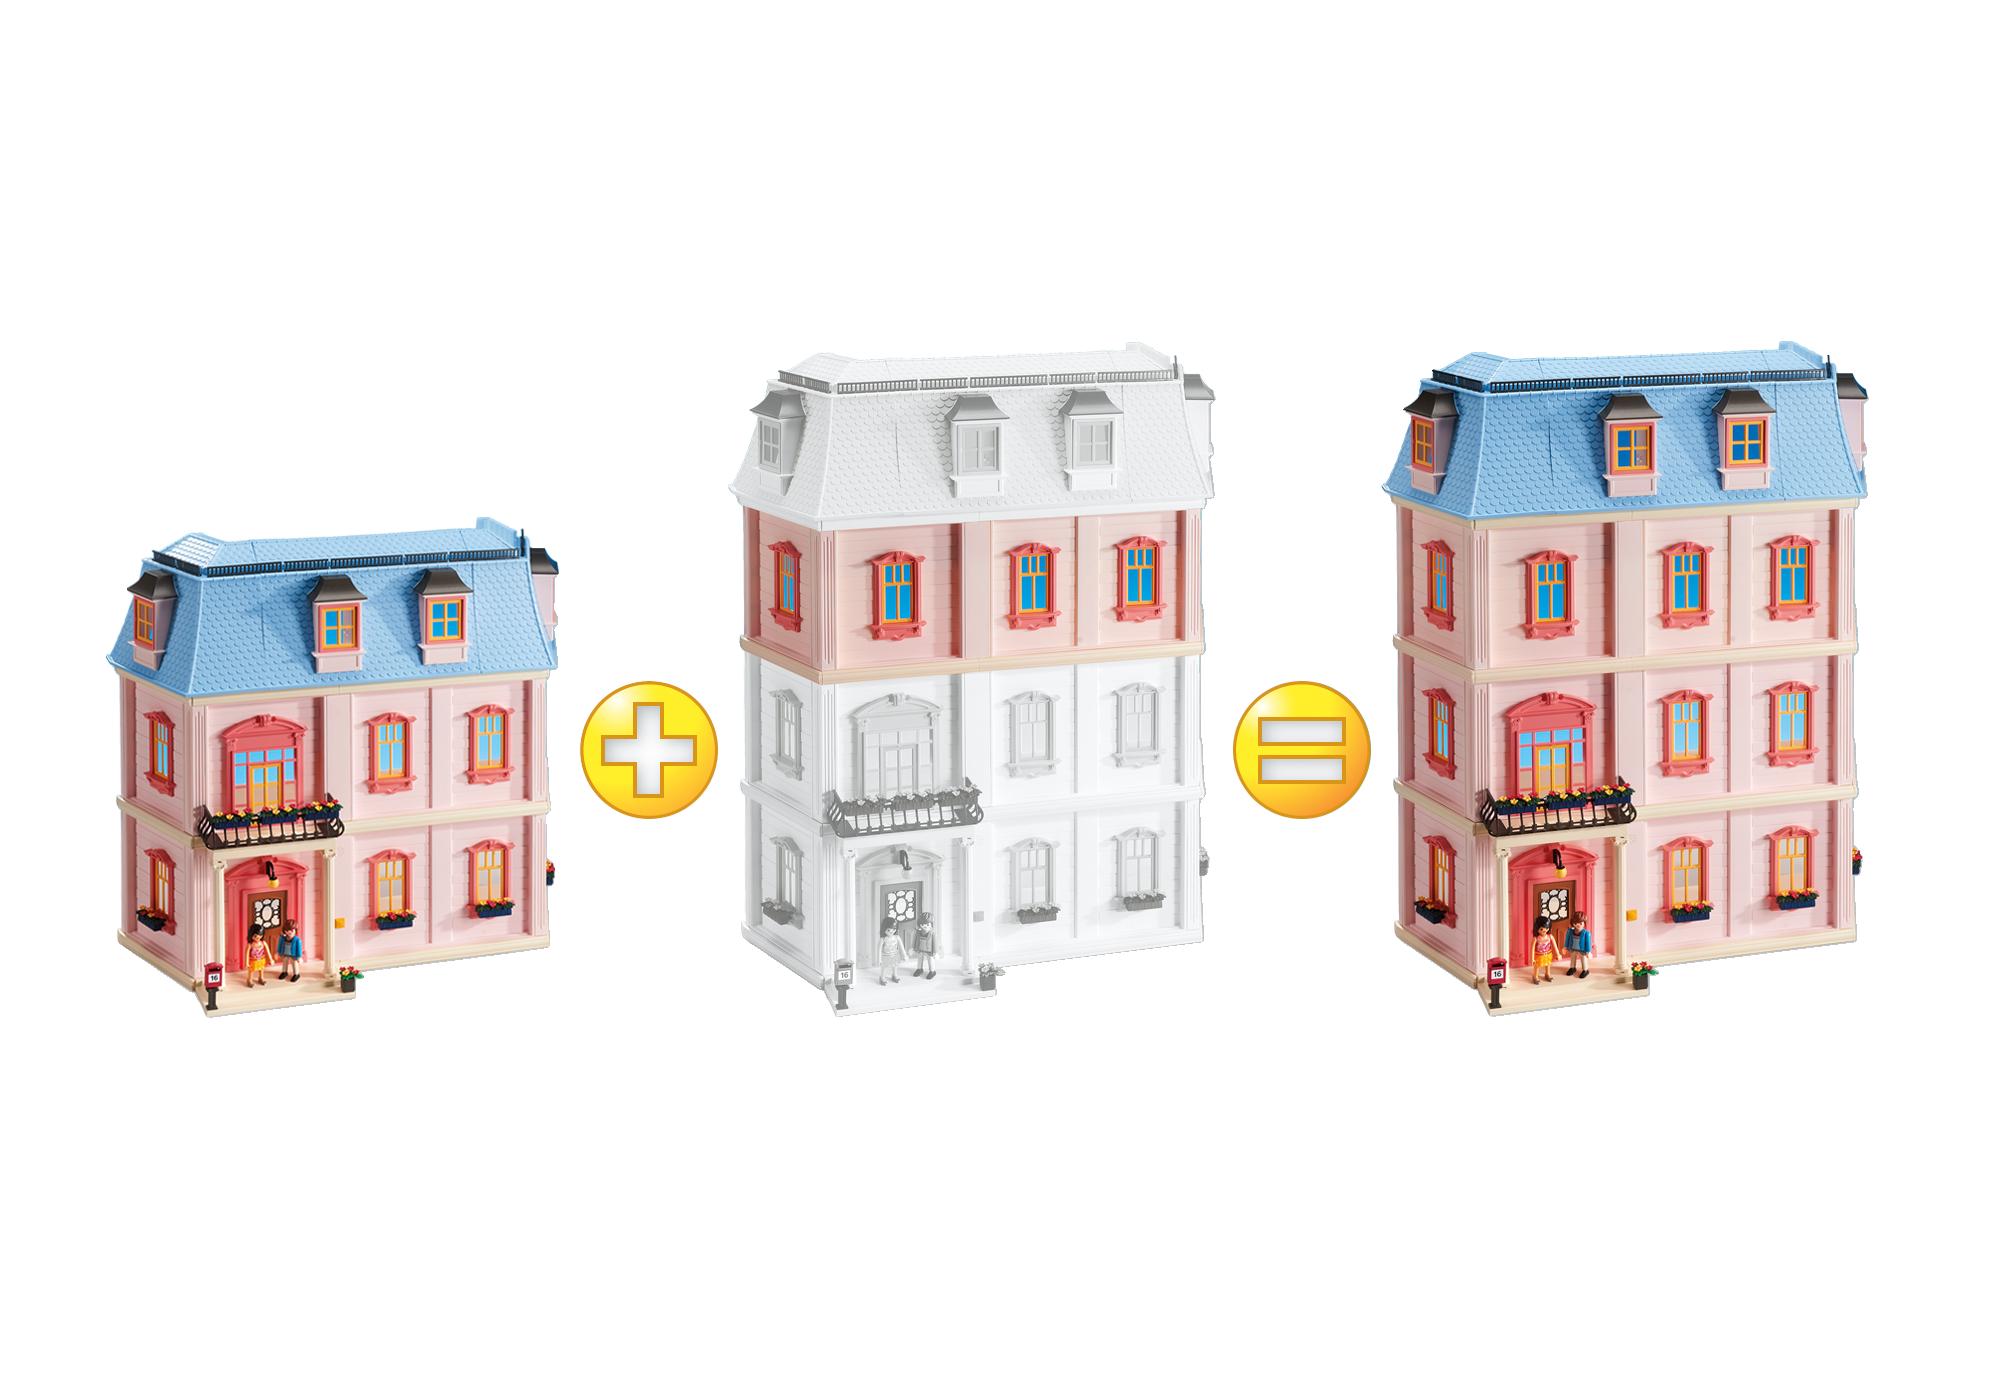 http://media.playmobil.com/i/playmobil/6453_product_extra1/Extensão B para Casa de Bonecas Romântica (ref. 5303)